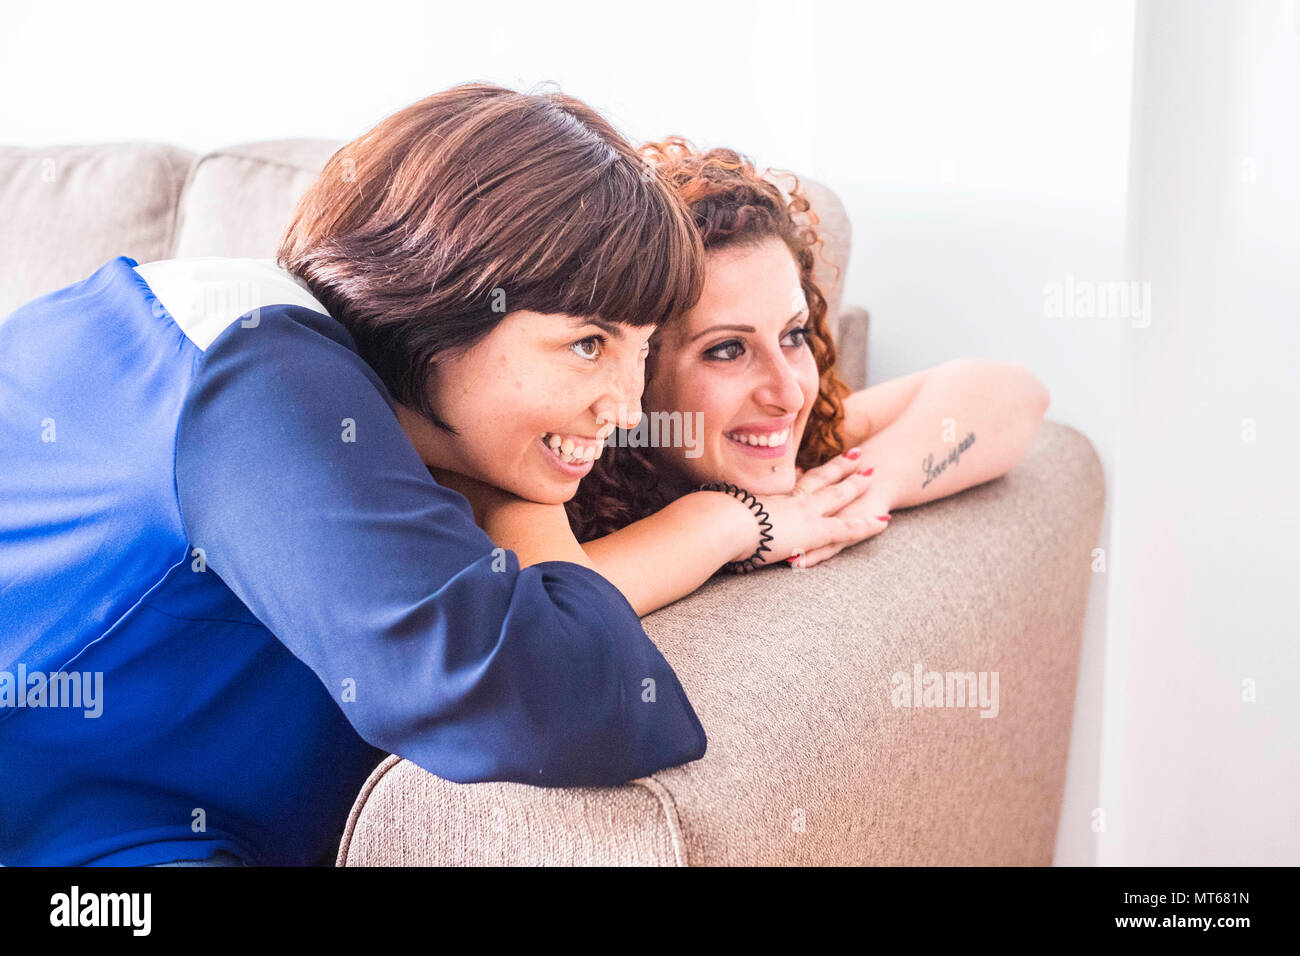 Couple de deux femmes amis rester près ensemble sur le canapé en souriant et s'amusant. L'amitié ou de relation à la piscine avec une belle manière de vie Photo Stock